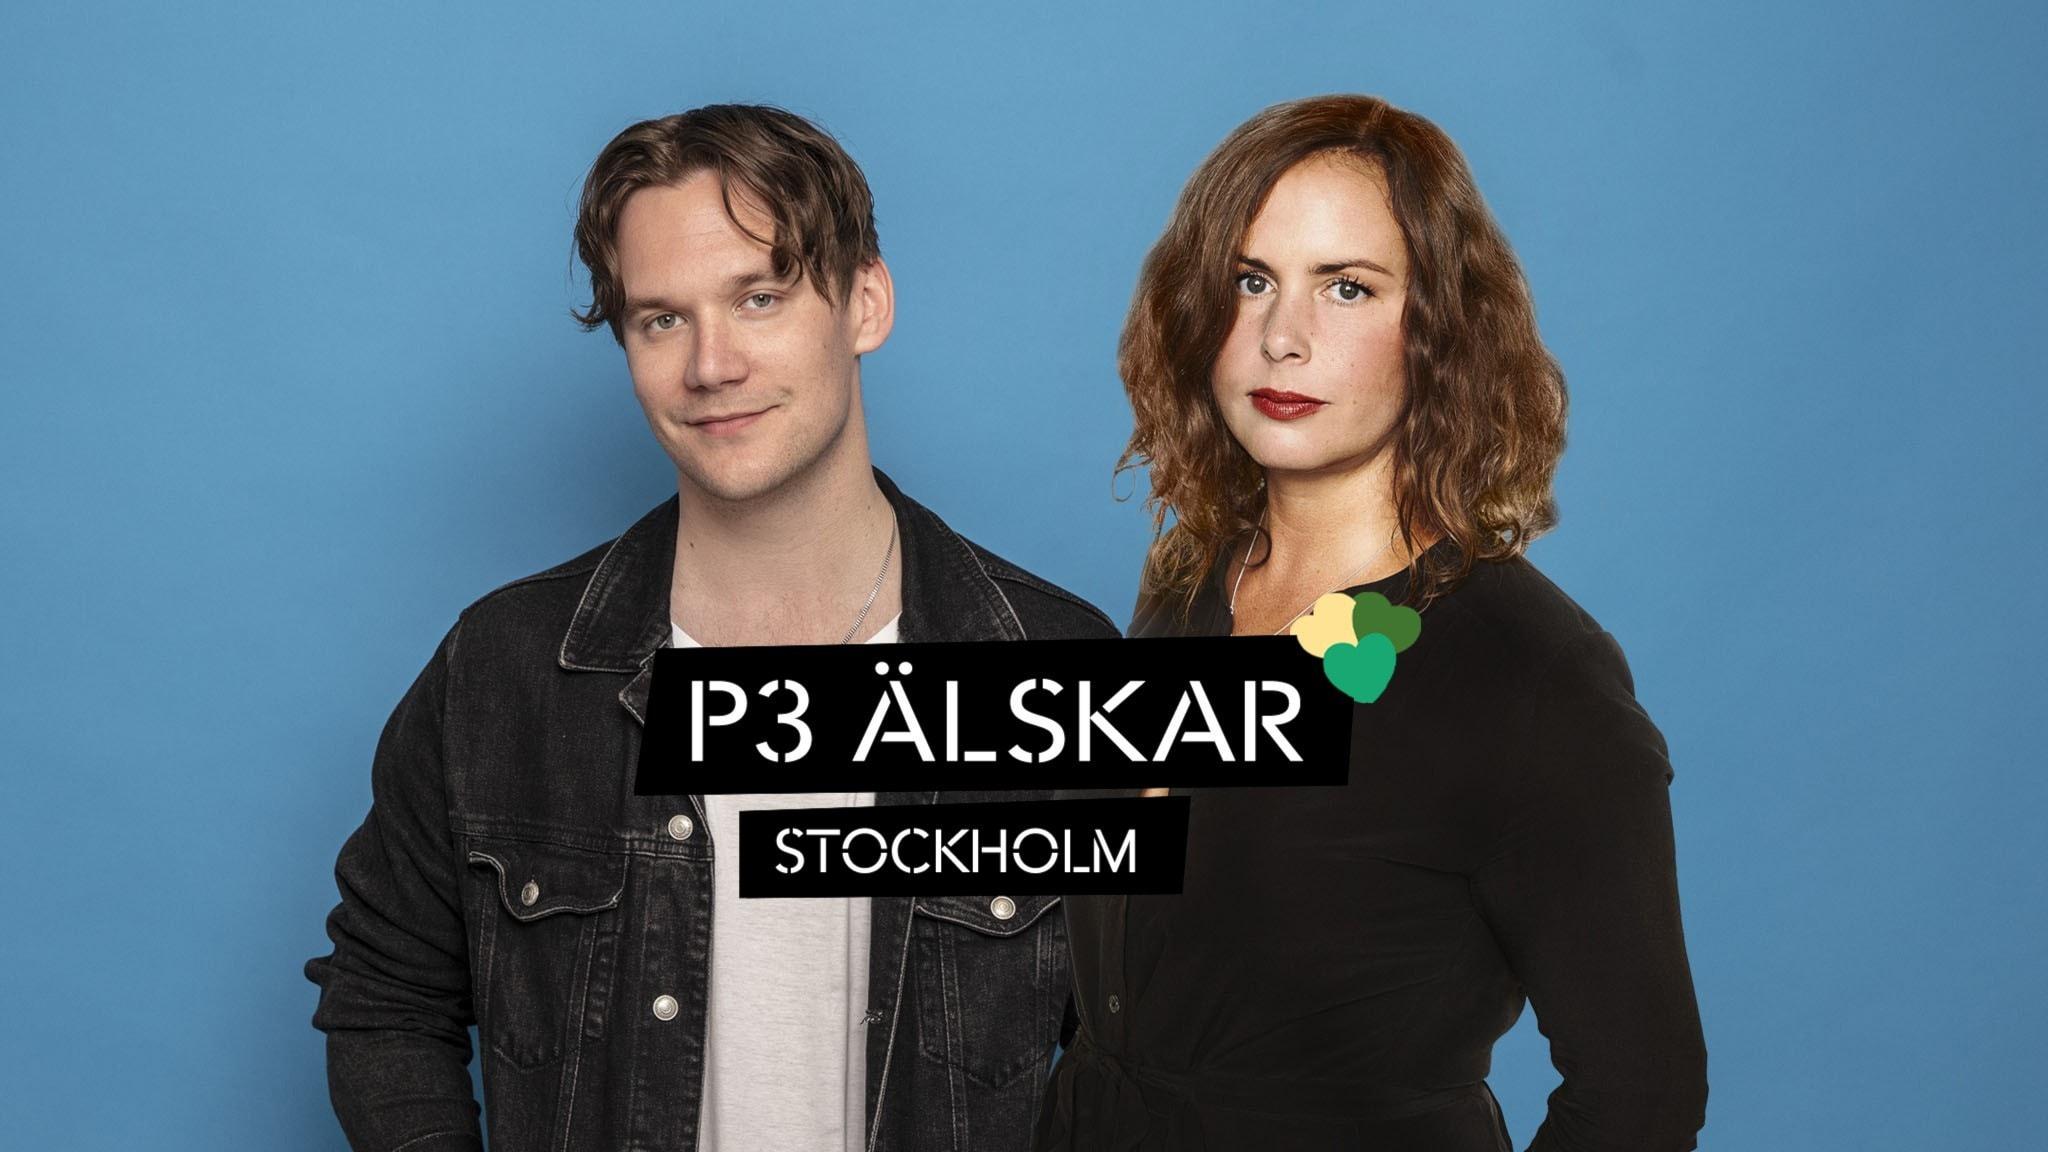 Hanna Hellquist och Christopher Garplind. P3 Älskar Stockholm 2021 22 september